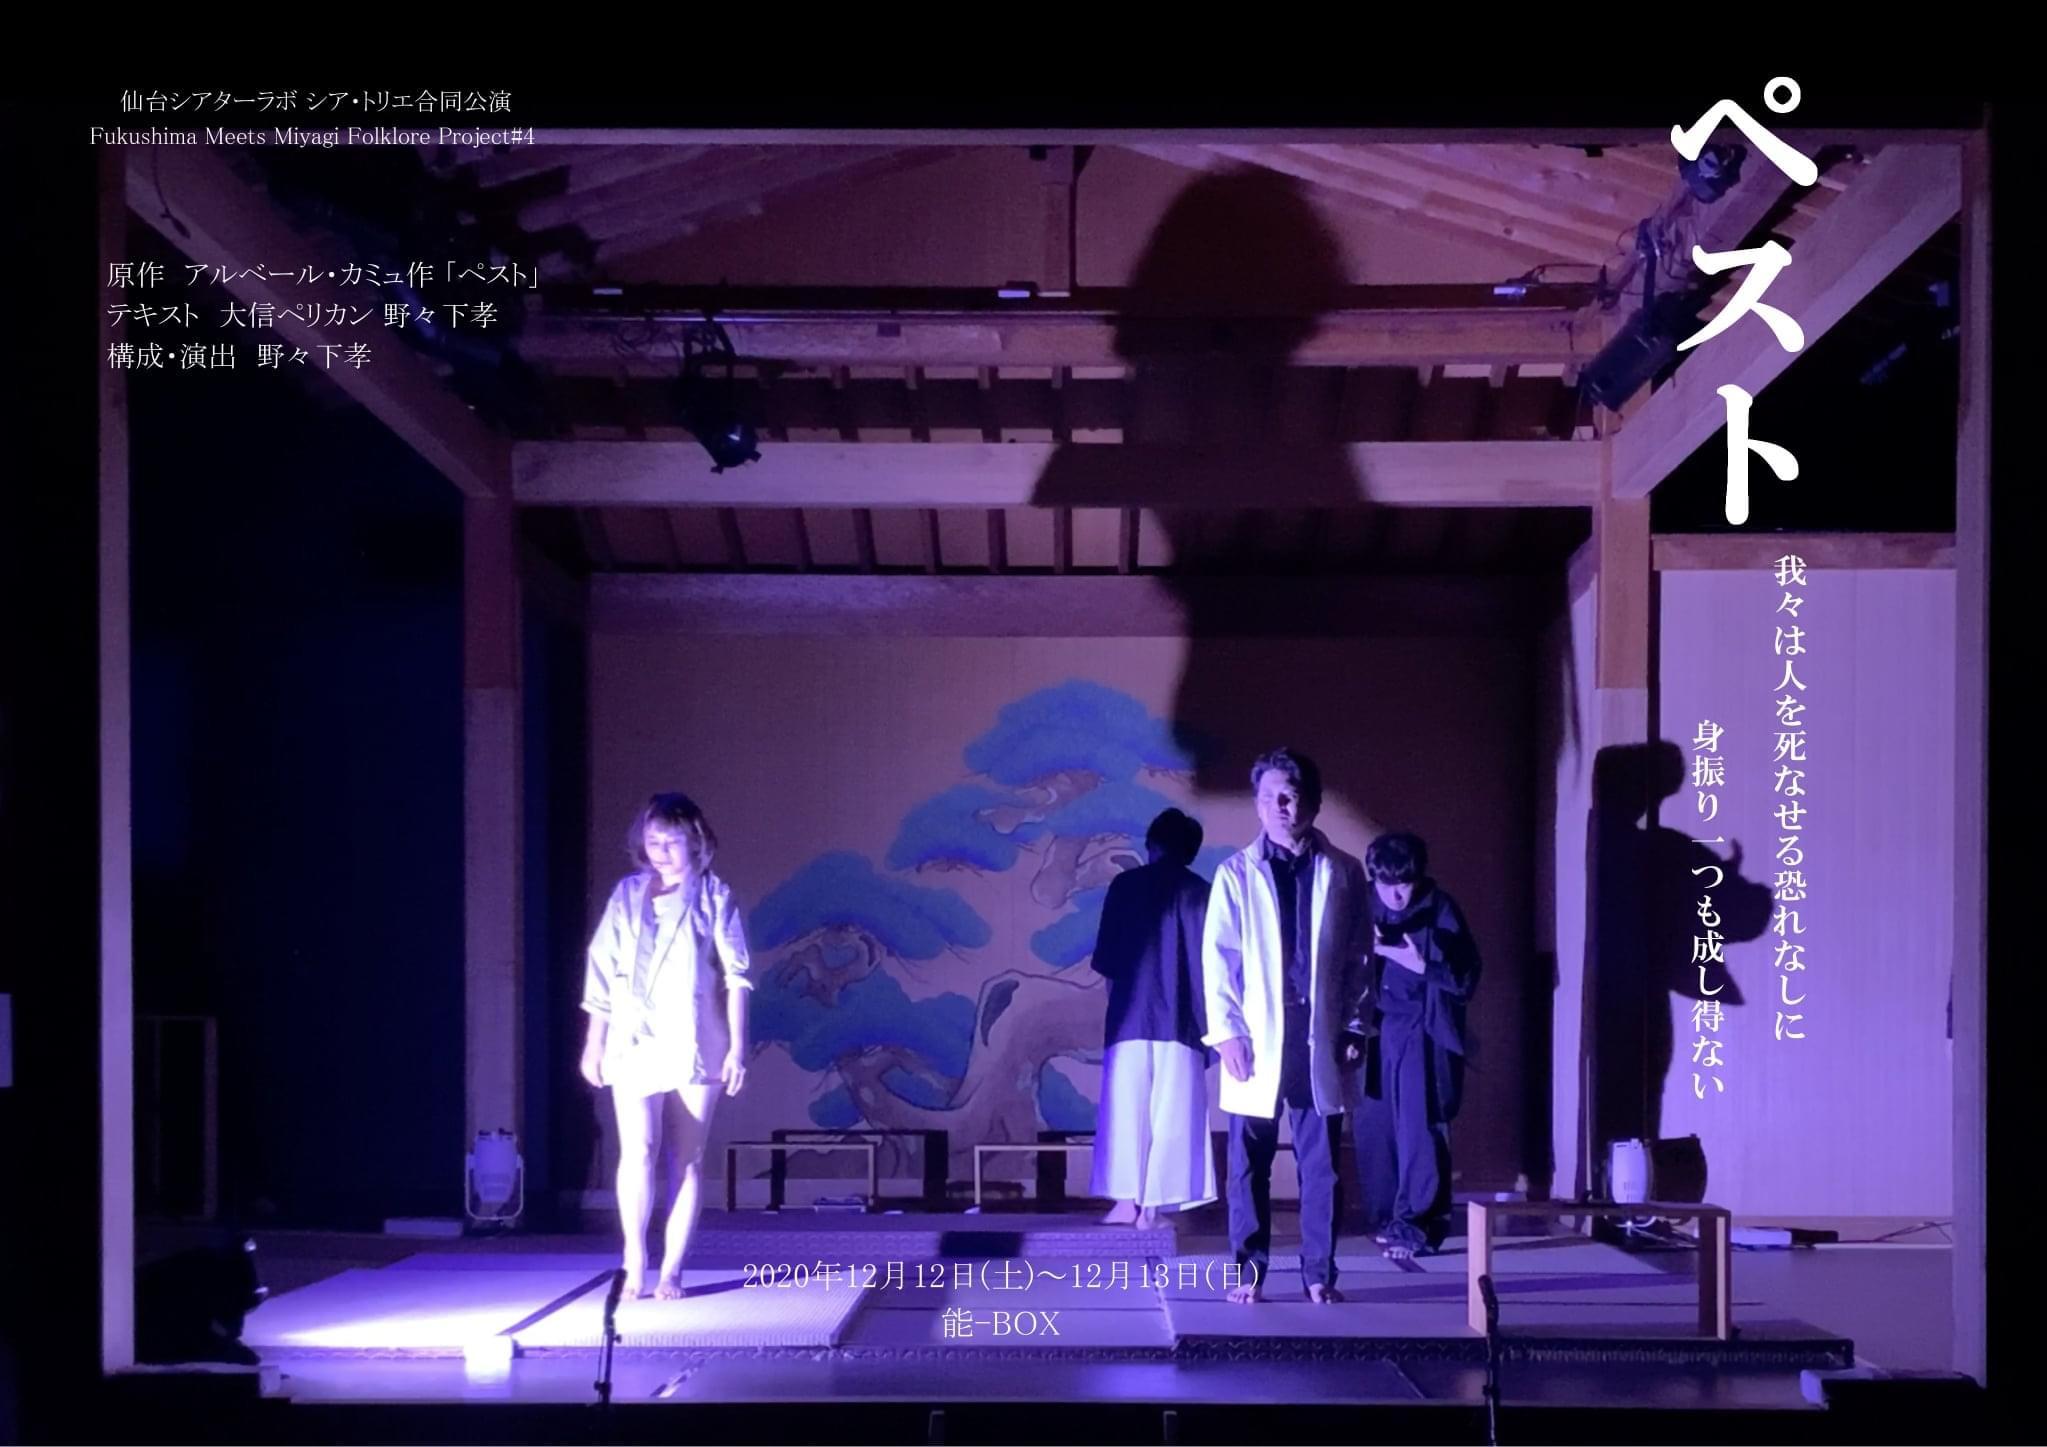 仙台シアターラボ×シア・トリエ合同公演 Fukushia Meets Miyagi Folklore Project ♯4